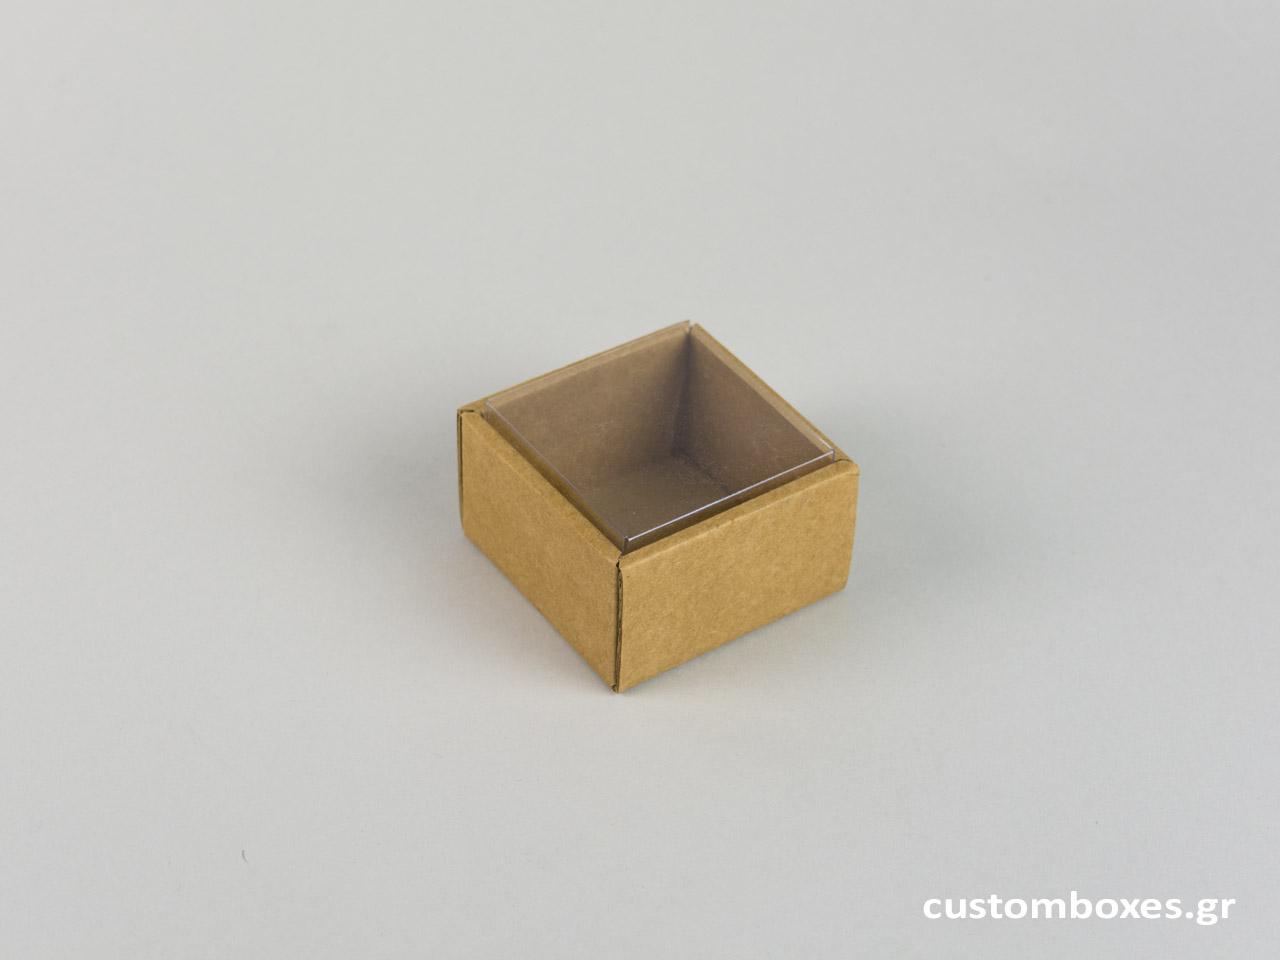 Οικολογικό κουτί kraft με διάφανο καπάκι μεγάλο δαχτυλίδι